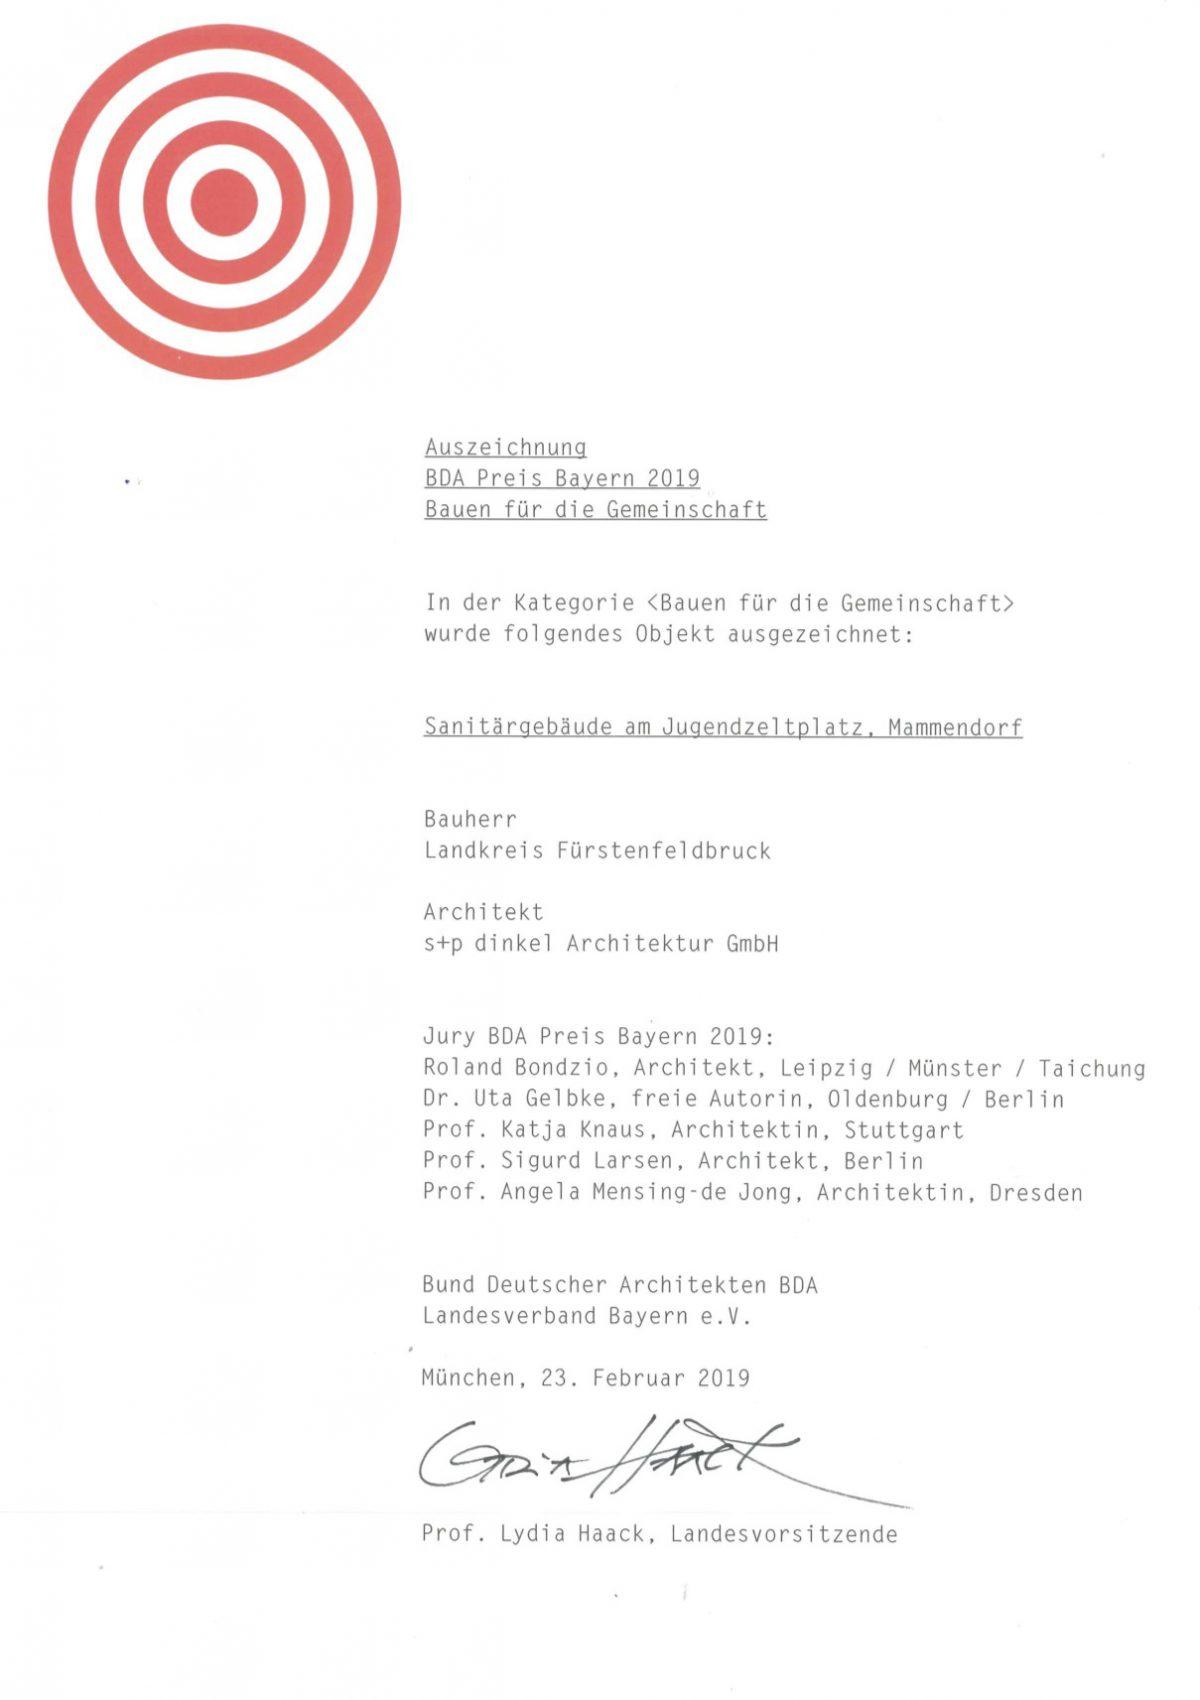 Auszeichnung BDA-Preis Bayern 2019